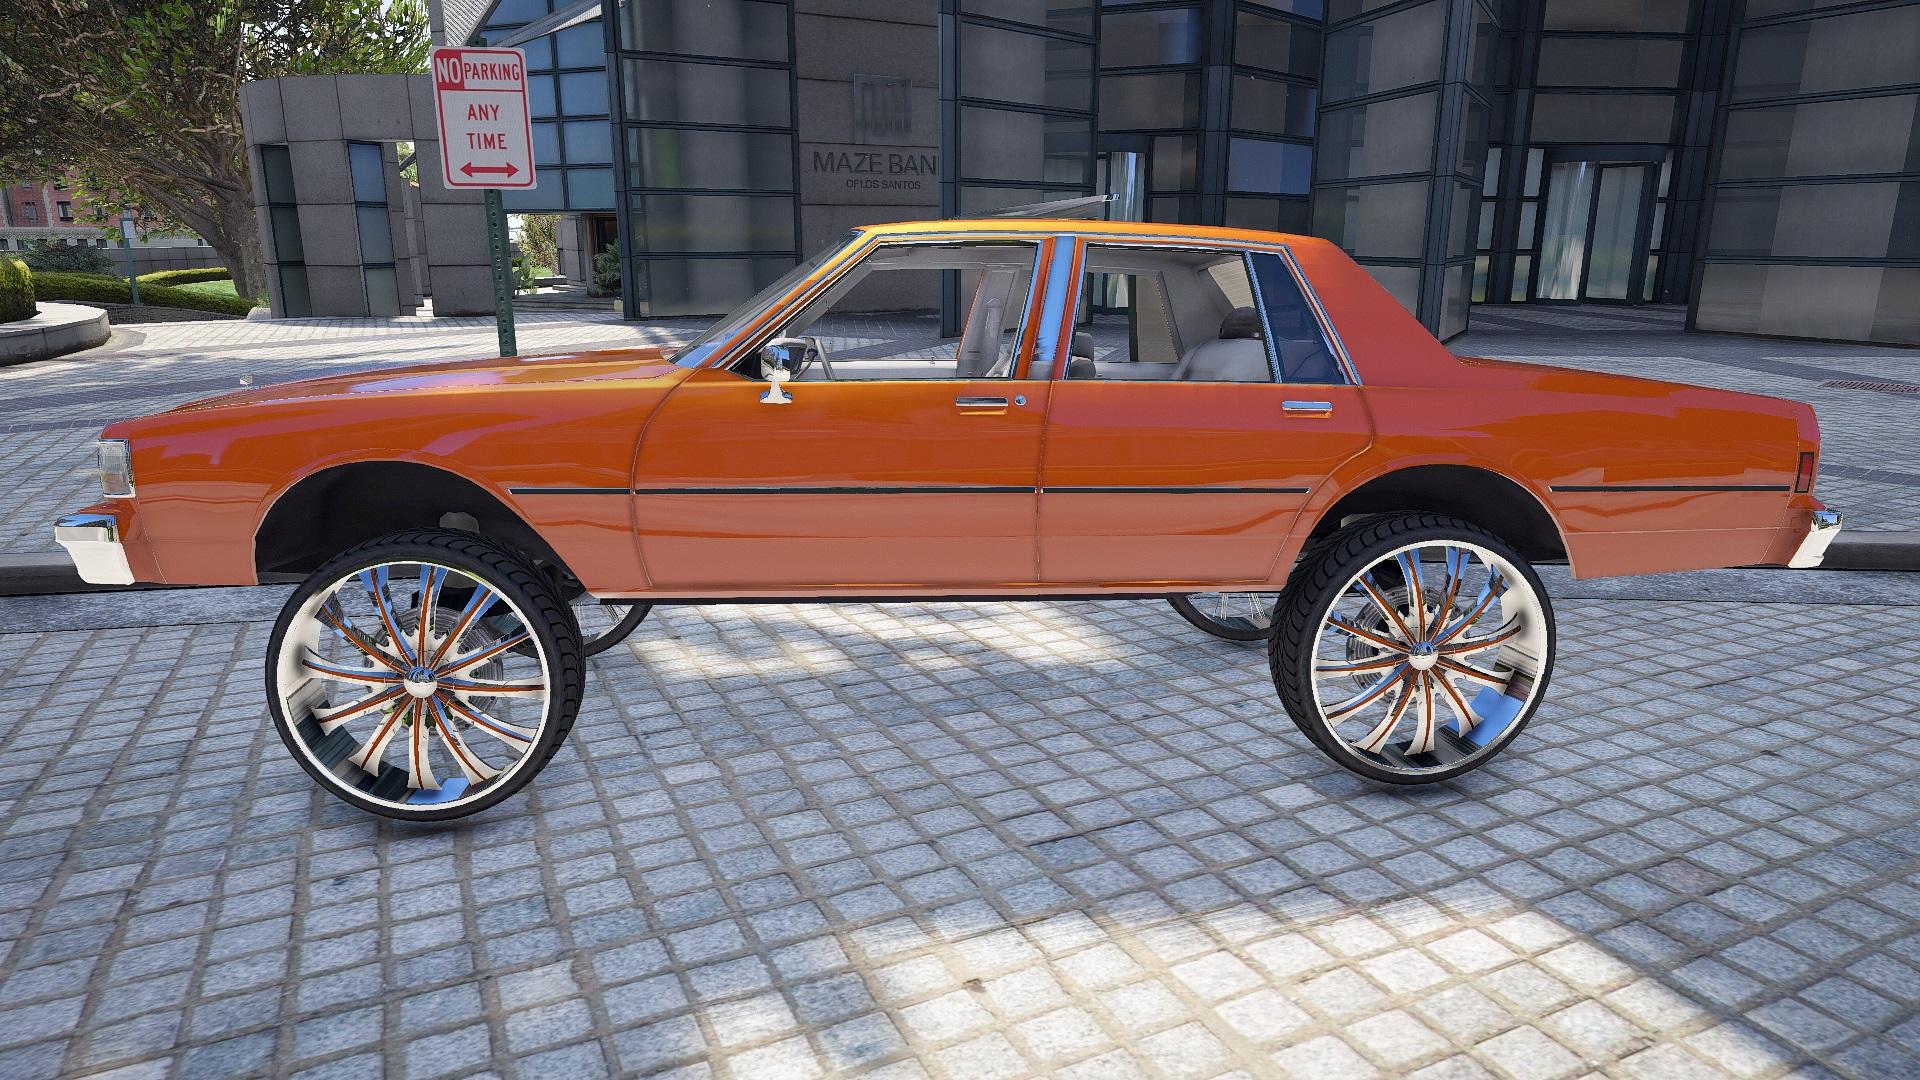 0_1506532105311_Grand Theft Auto V 9_27_2017 10_01_21 AM.jpg